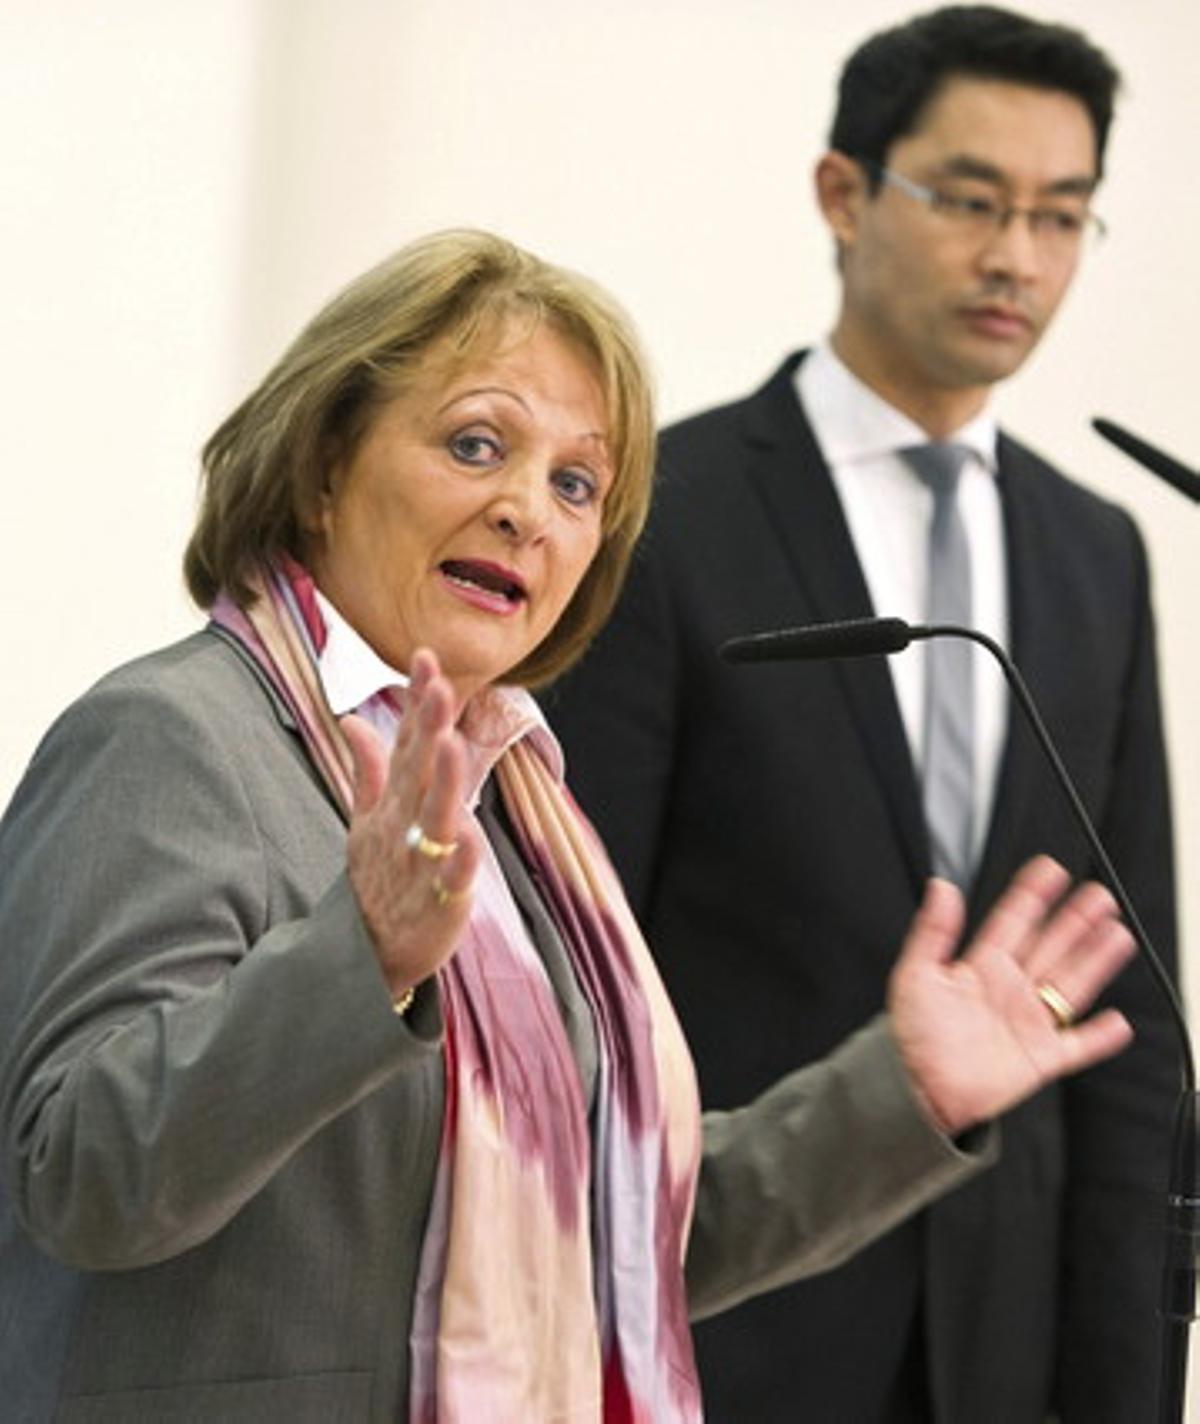 La ministra alemana de Tecnología, Leutheusser-Schnarrenberger, y el de Economía, Rösler, en rueda de prensa sobre el espionaje en EEUU, el pasado 16 de junio.